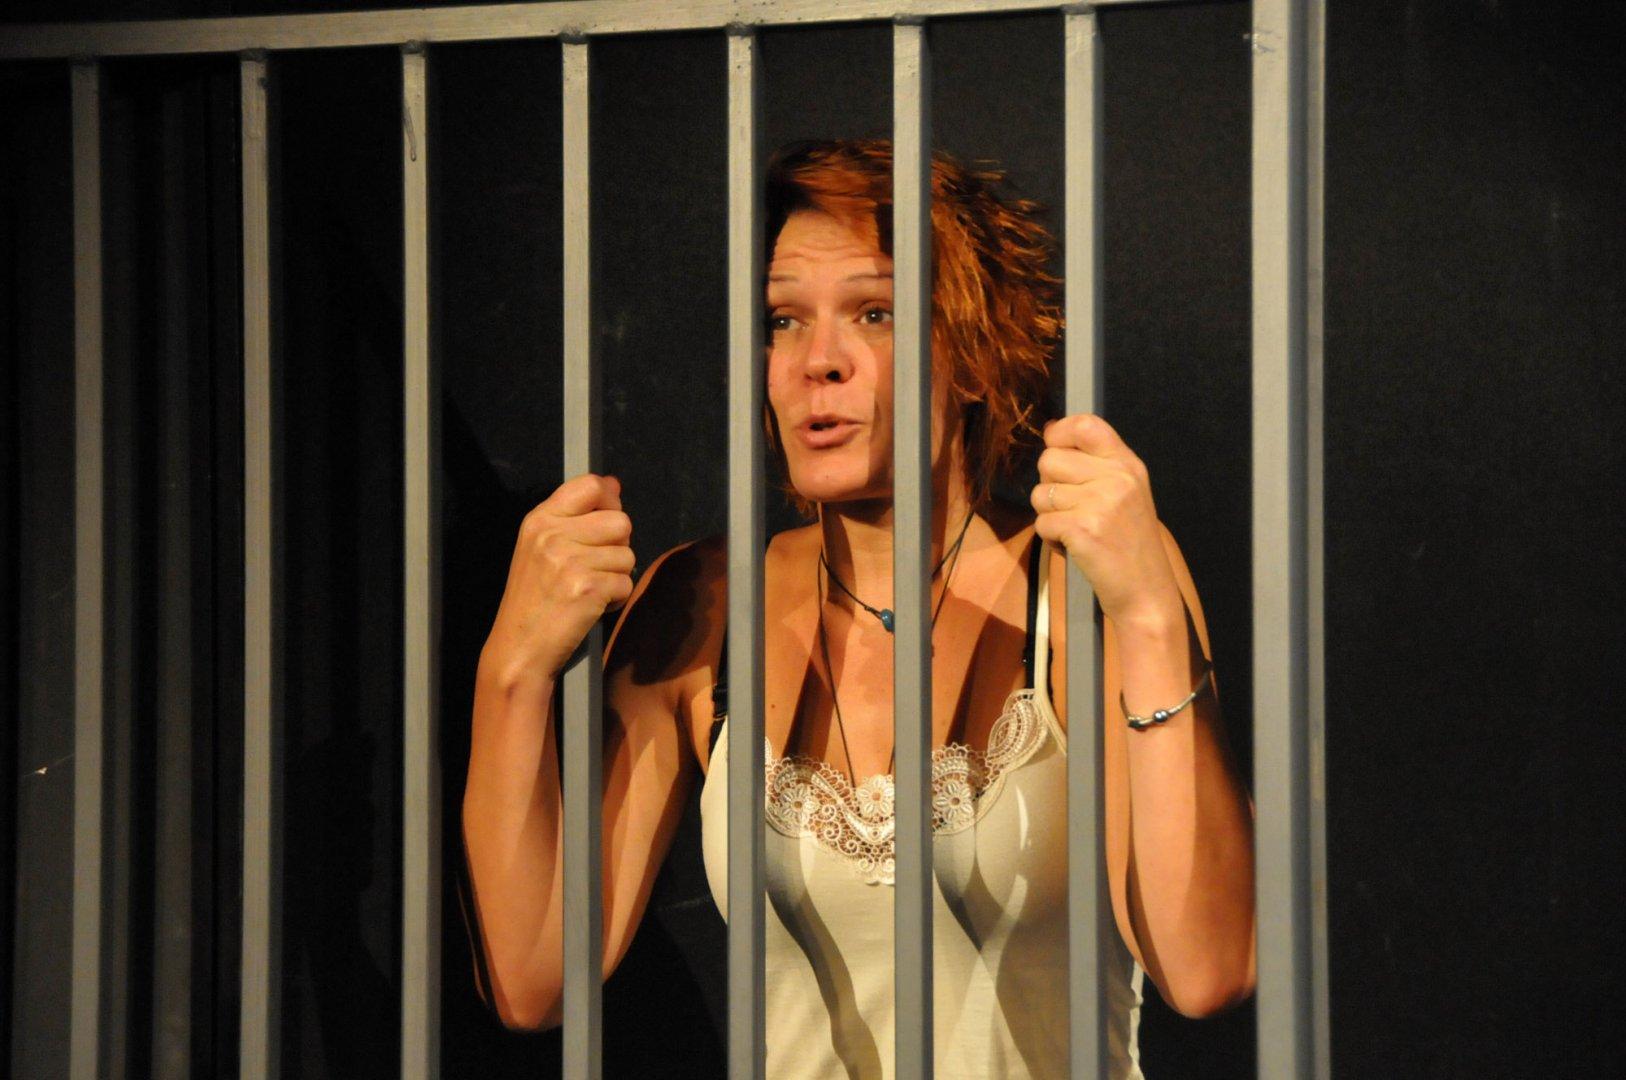 Премиерата е на 26-ти септември в бургаския театър. Снимки Лина Главинова